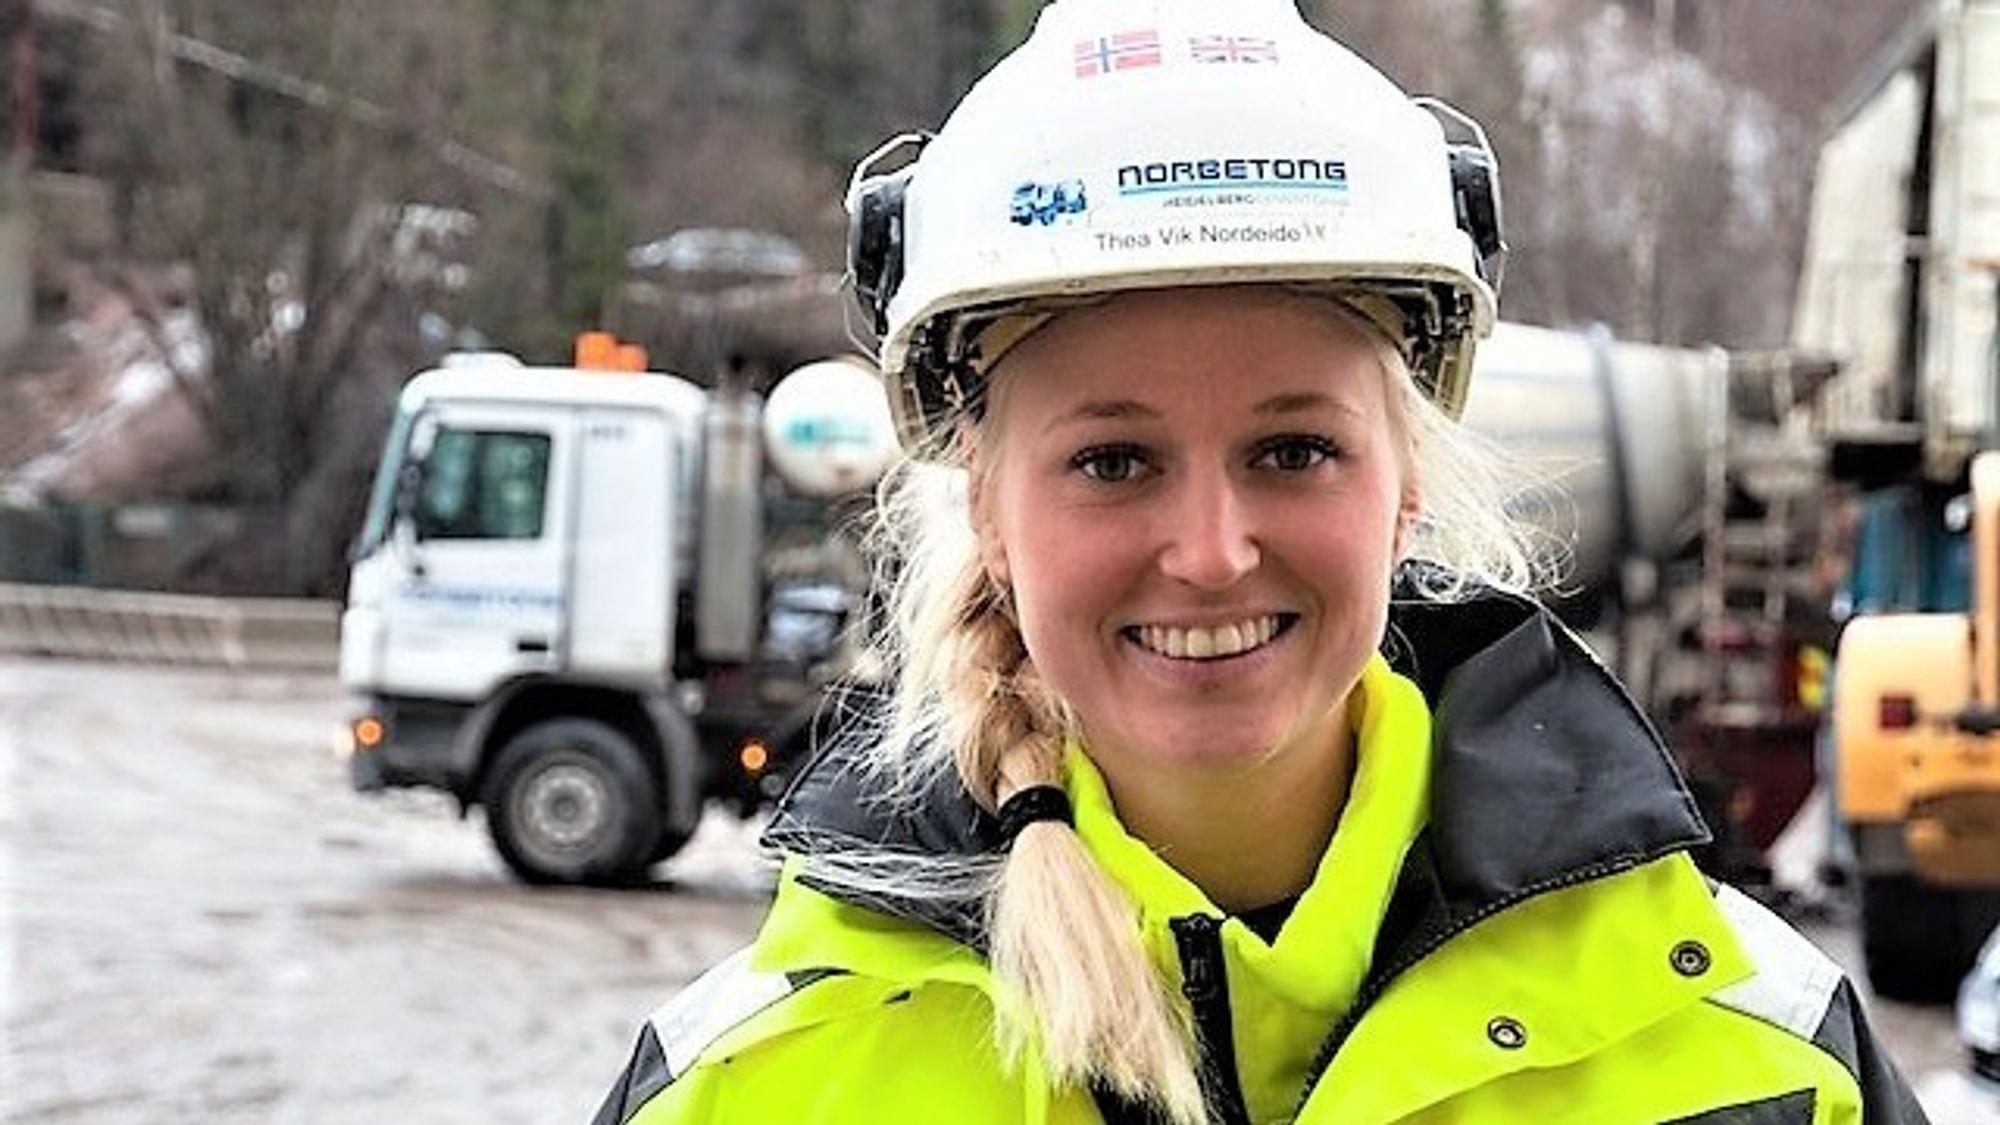 Betongteknolog Thea Vik Norvik tilbringer det meste av tiden sin utendørs. – Men jeg prøver å ha én kontordag i uka, sier hun.